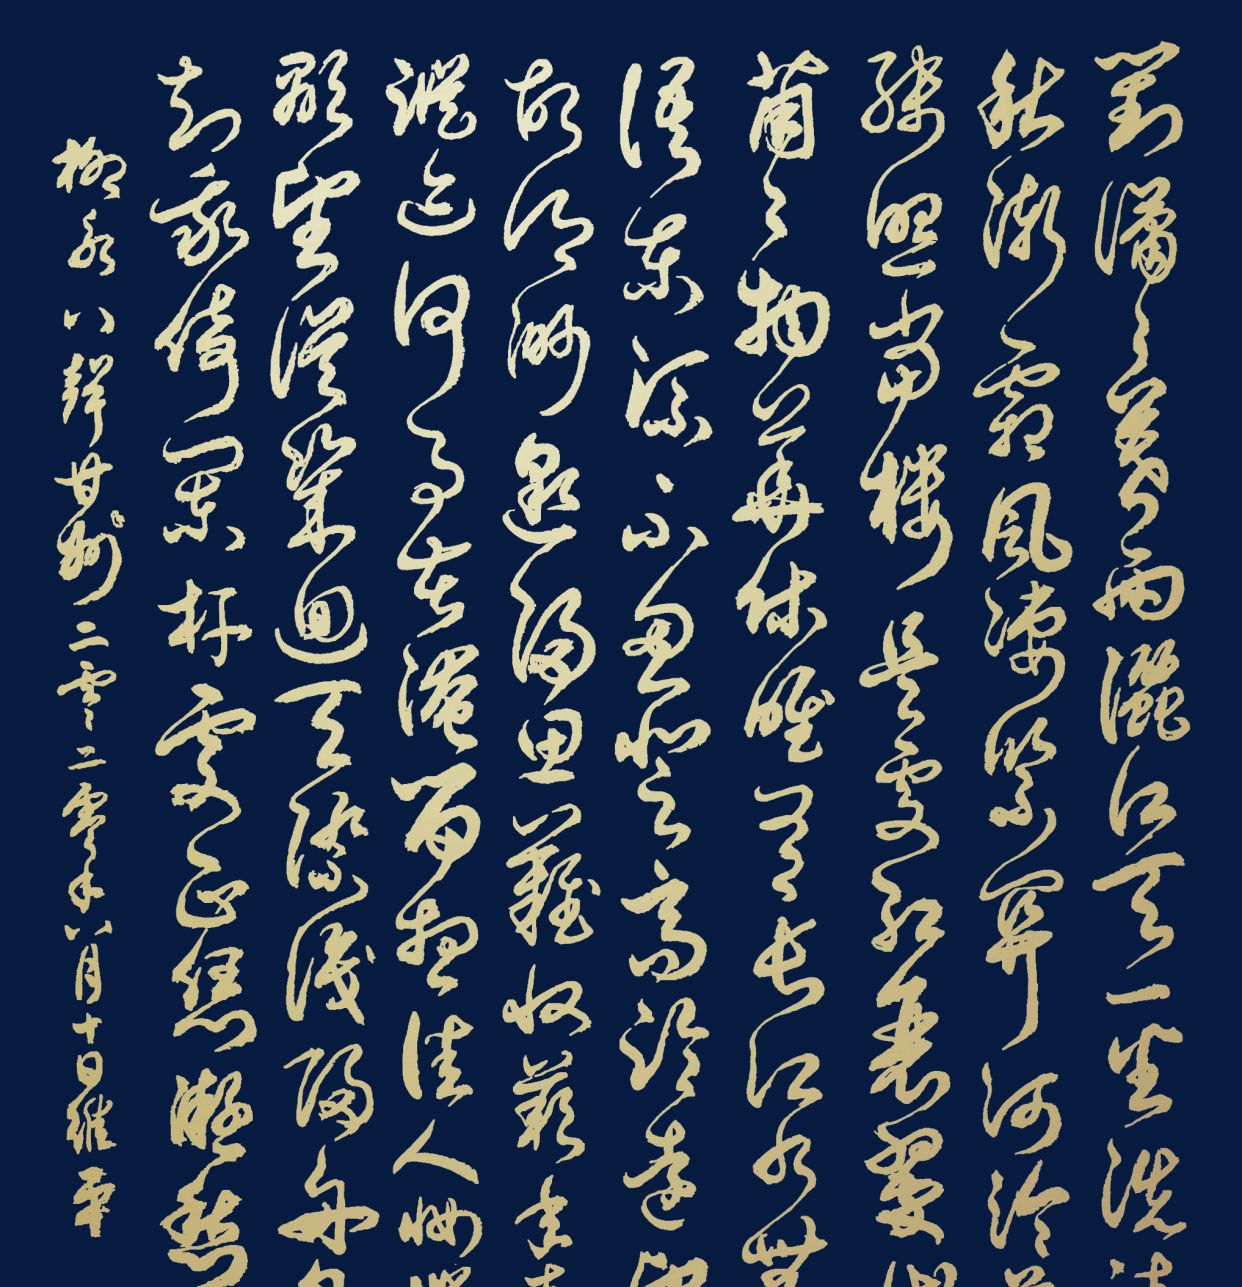 当代书法名家胡维平草书作品 柳永《八声甘州》两个版本